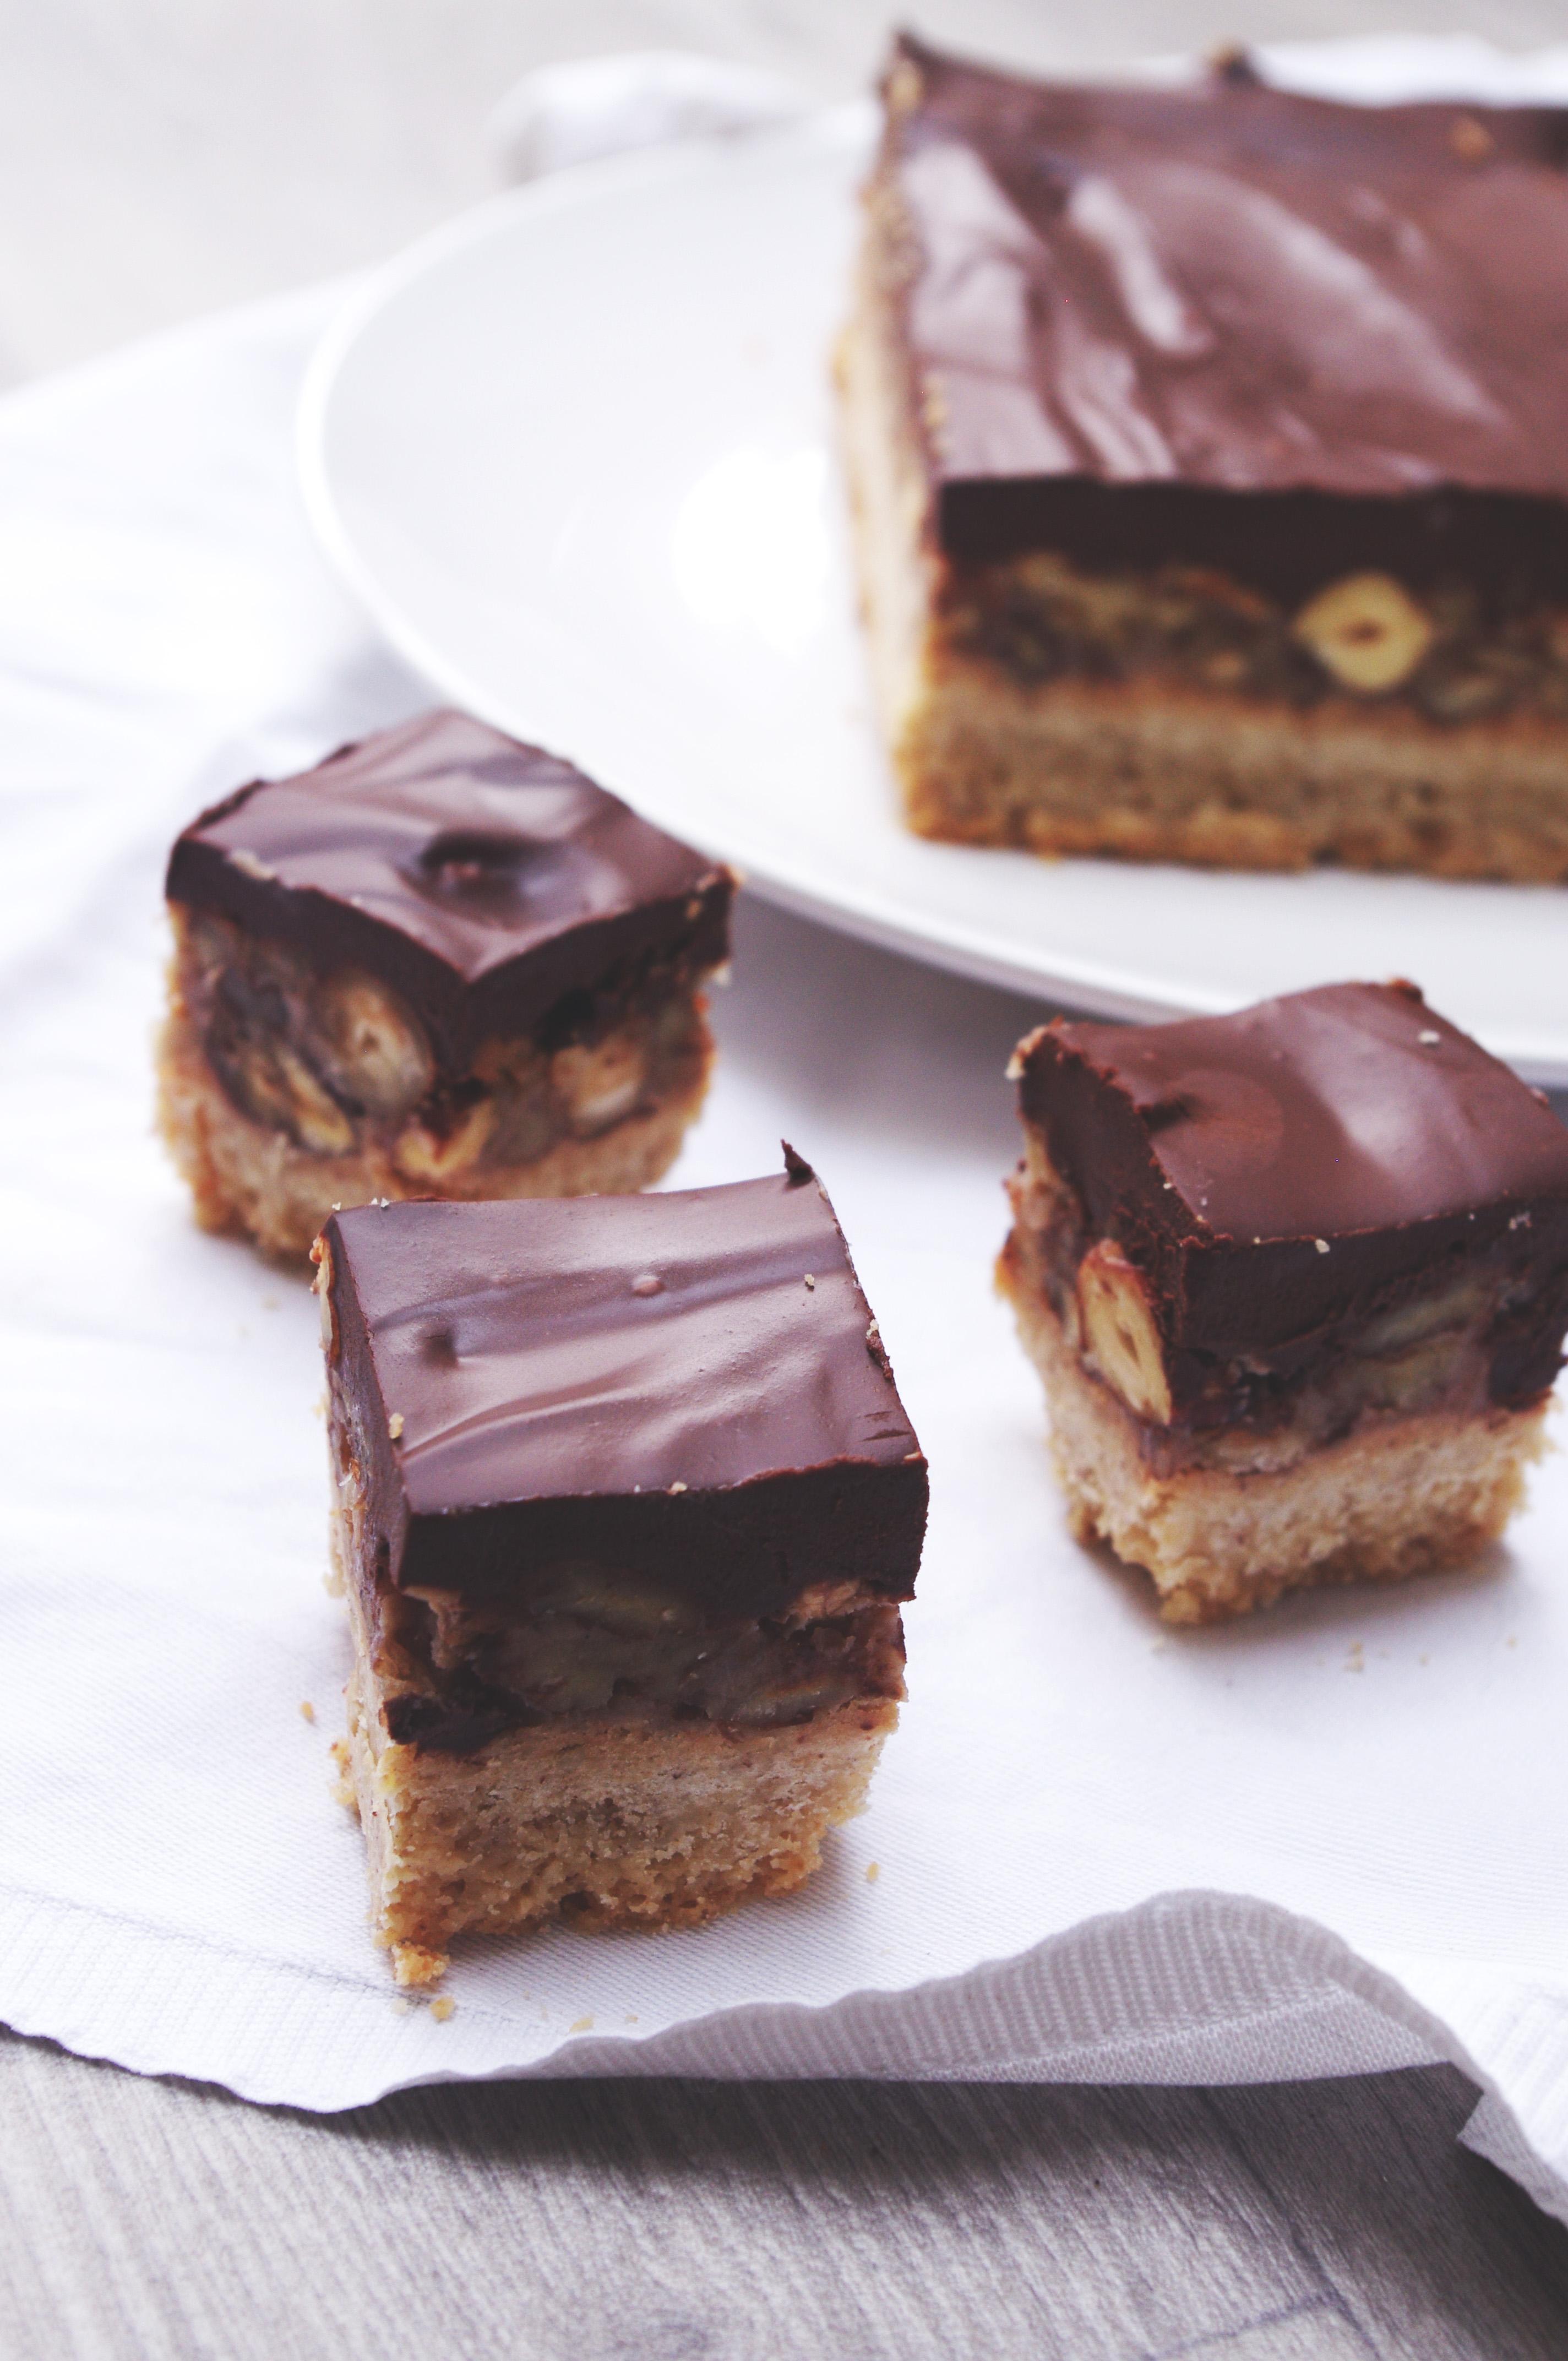 Petits carrés aux noix, caramel et ganache chocolat